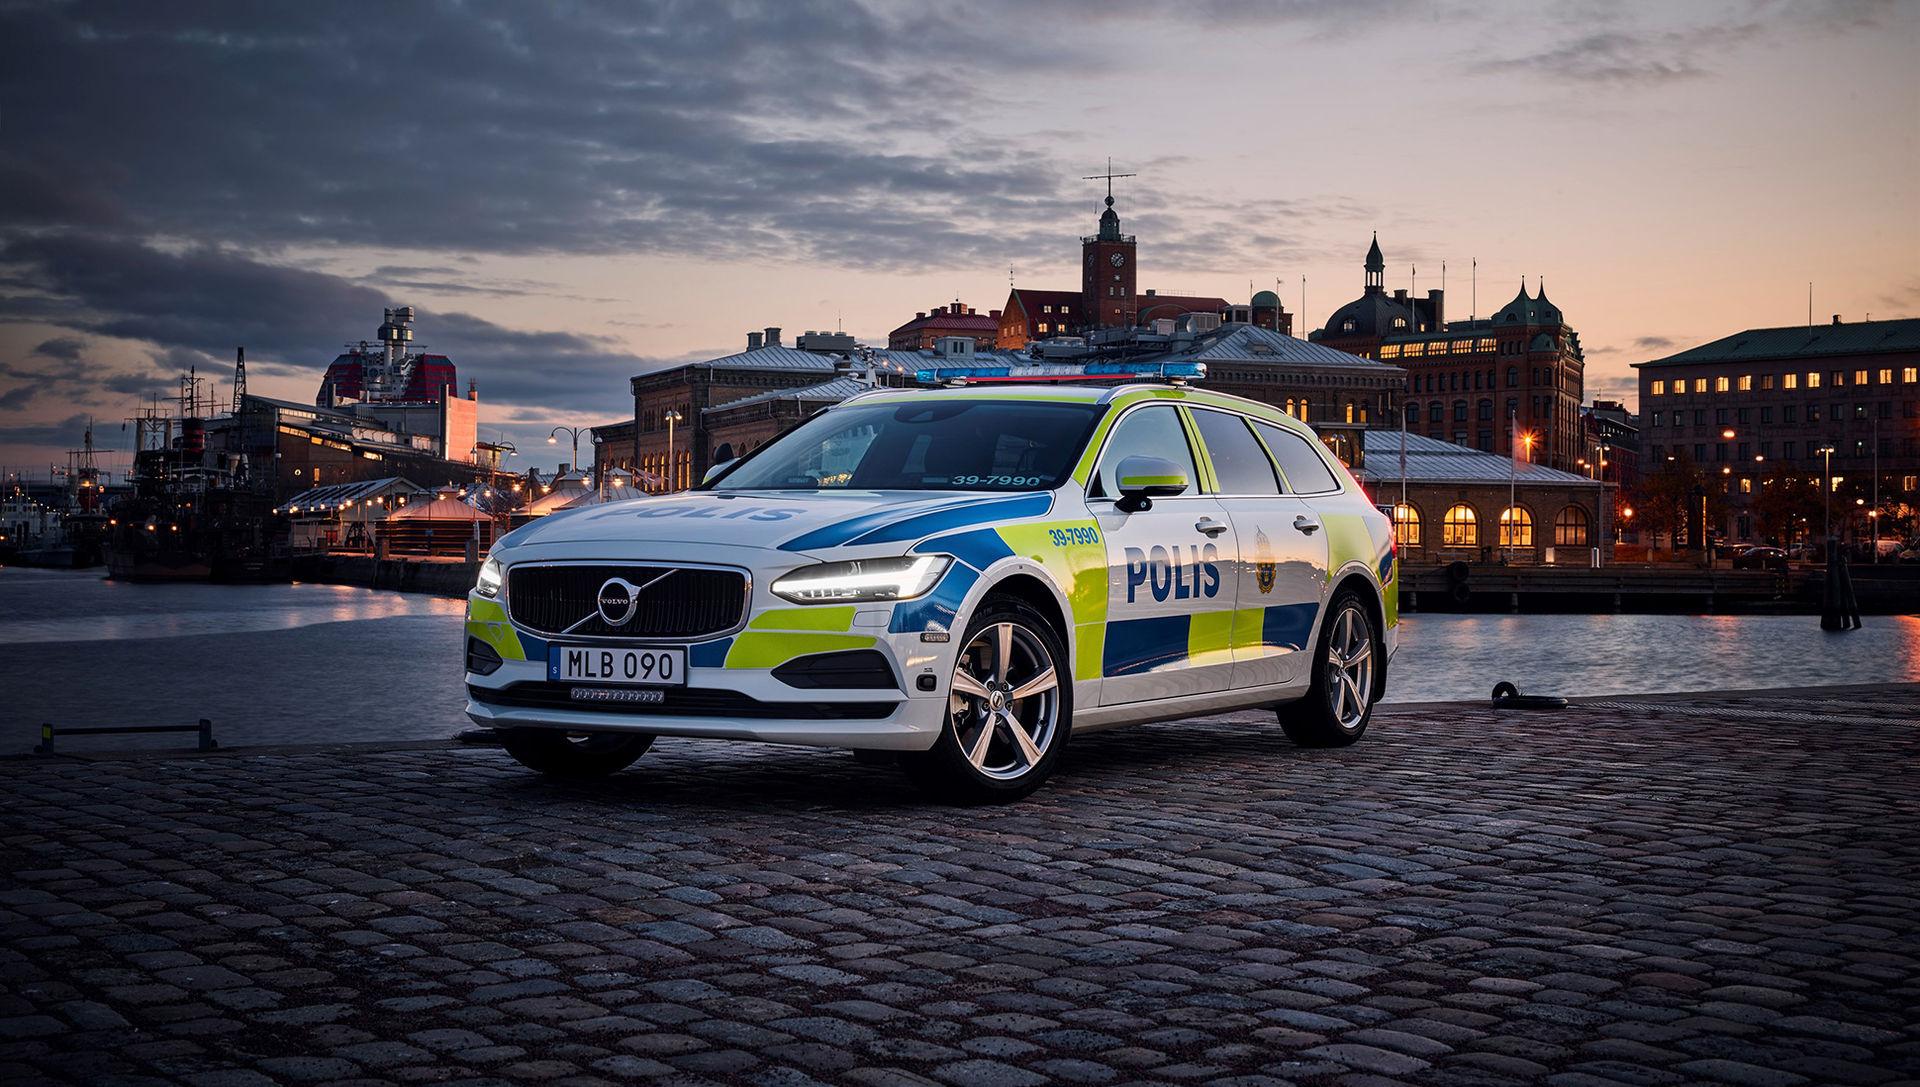 Volvo V90 i polisuniform